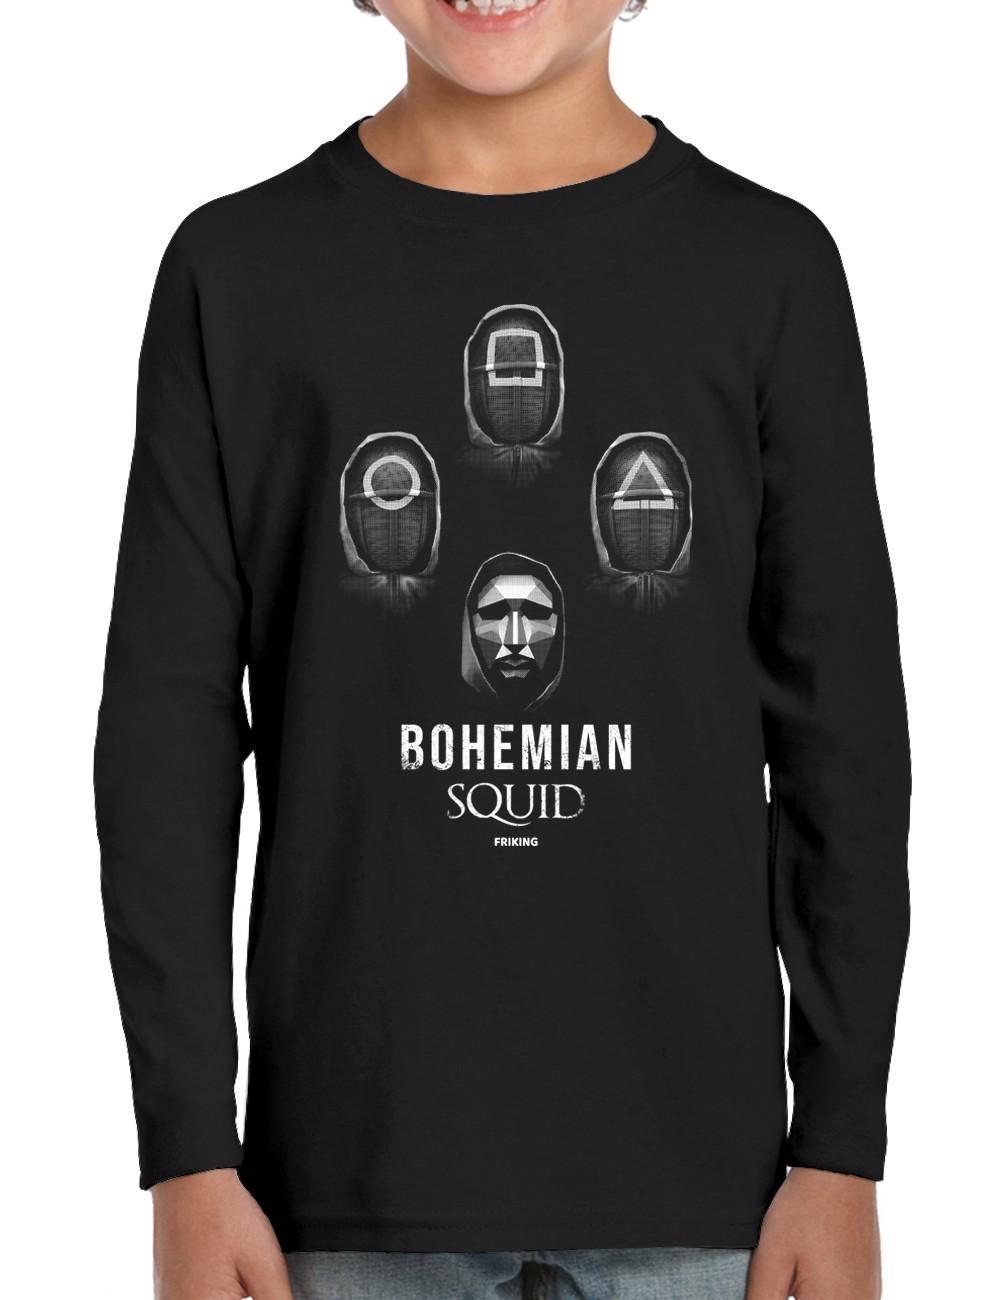 Bohemian Squid